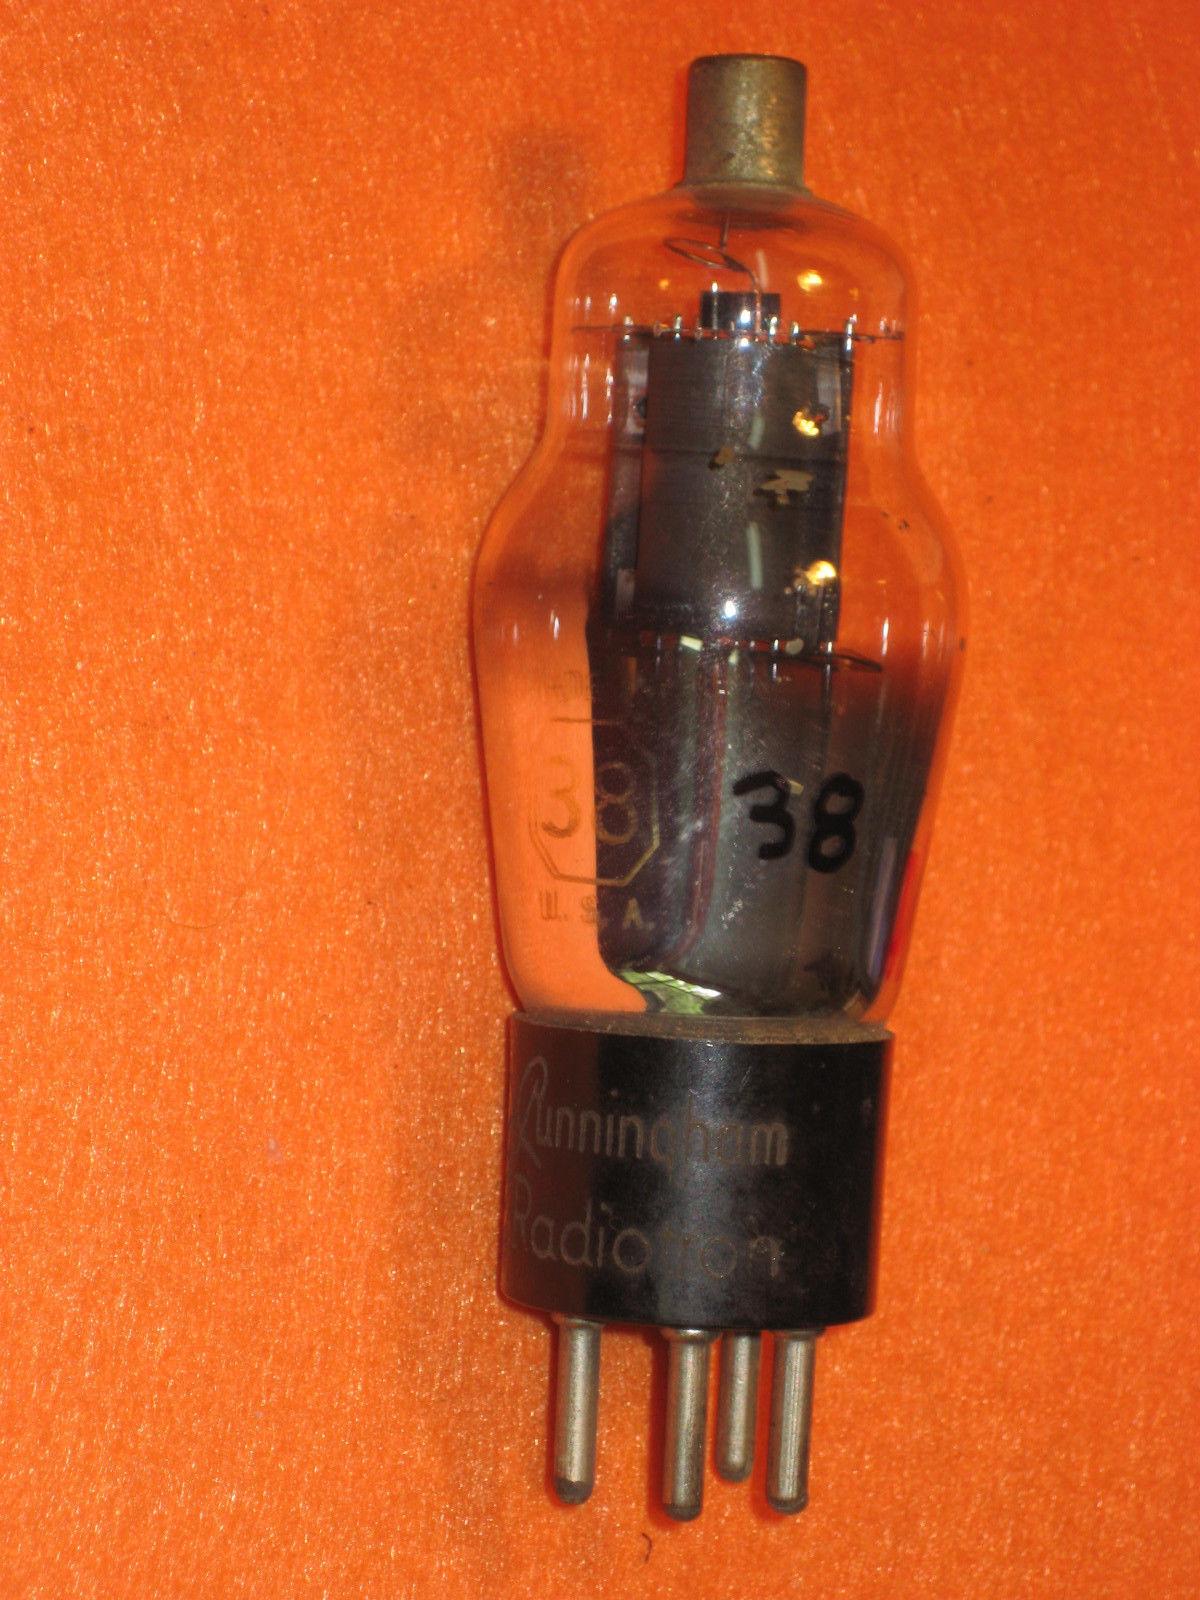 Vintage Radio Vacuum Tube (one): Type 38 - Tested Good